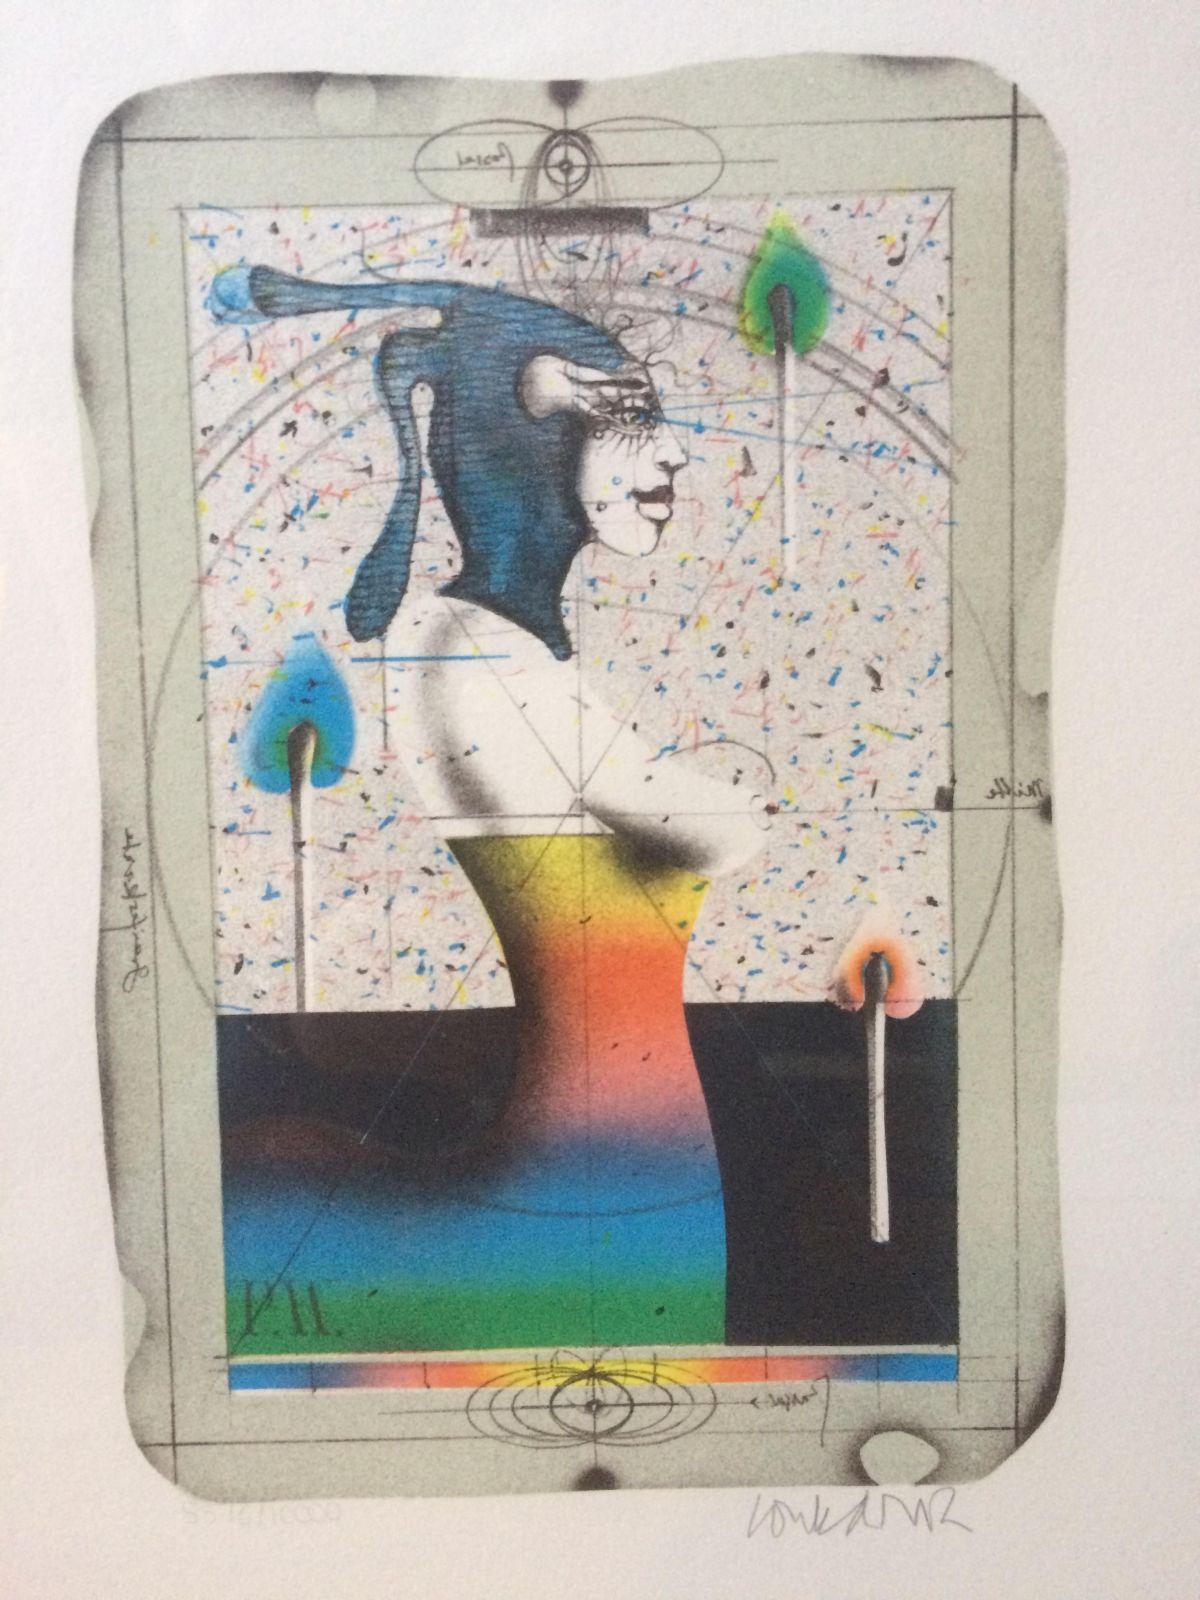 Paul Wunderlich - Abstrakte Figur - handsignierte Lithographie kopen? Bied vanaf 60!